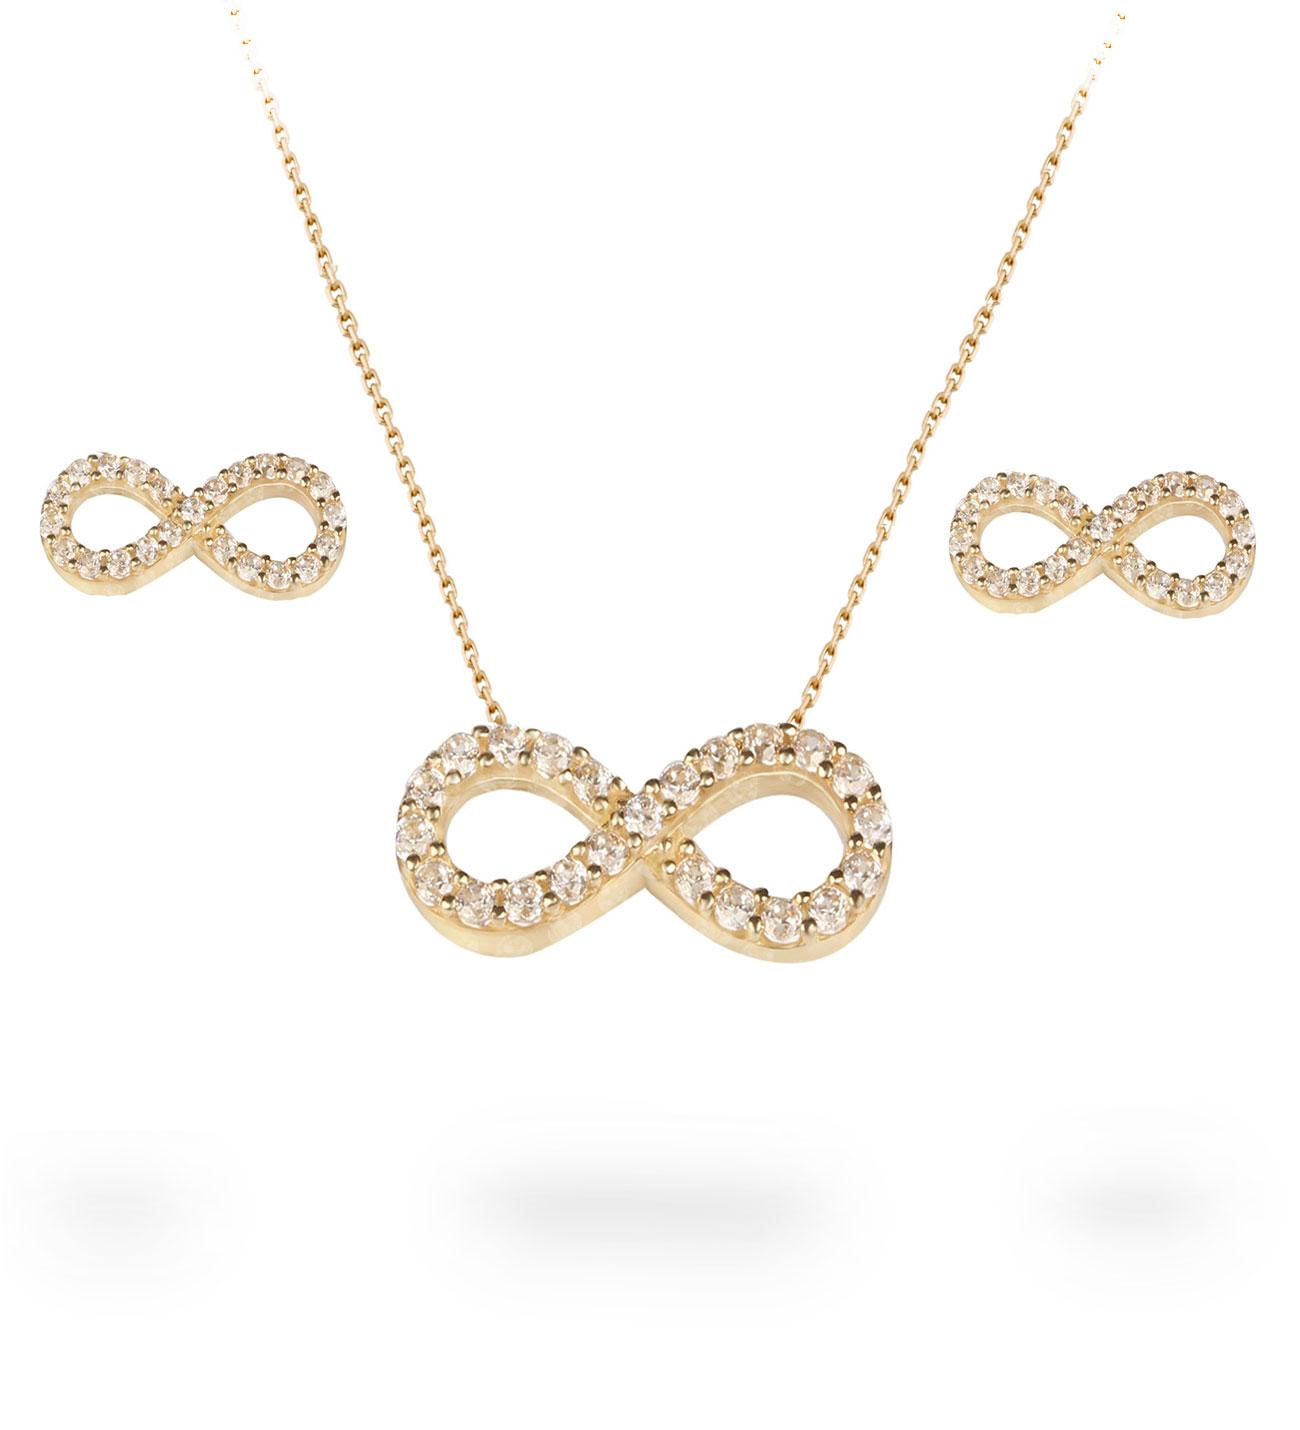 Women's Gemmed Infinity Pendant Gold Necklace & Earrings Set